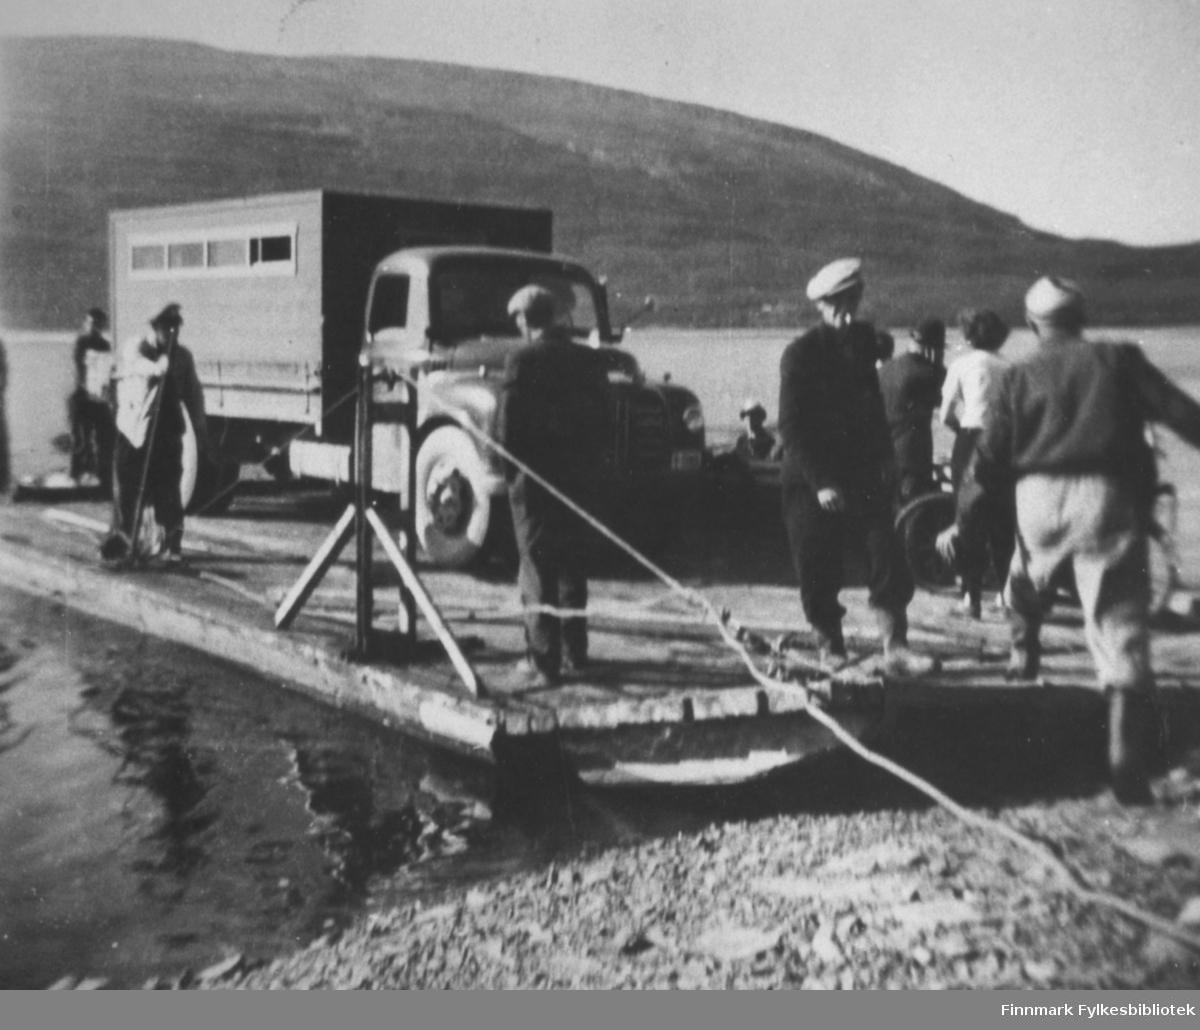 På ferge over Tanaelva ved Langnes. Hjemtur fra Kongsfjordfjellet. På bildet ser man ferga med en lastebil og noen menneskrer ombord.